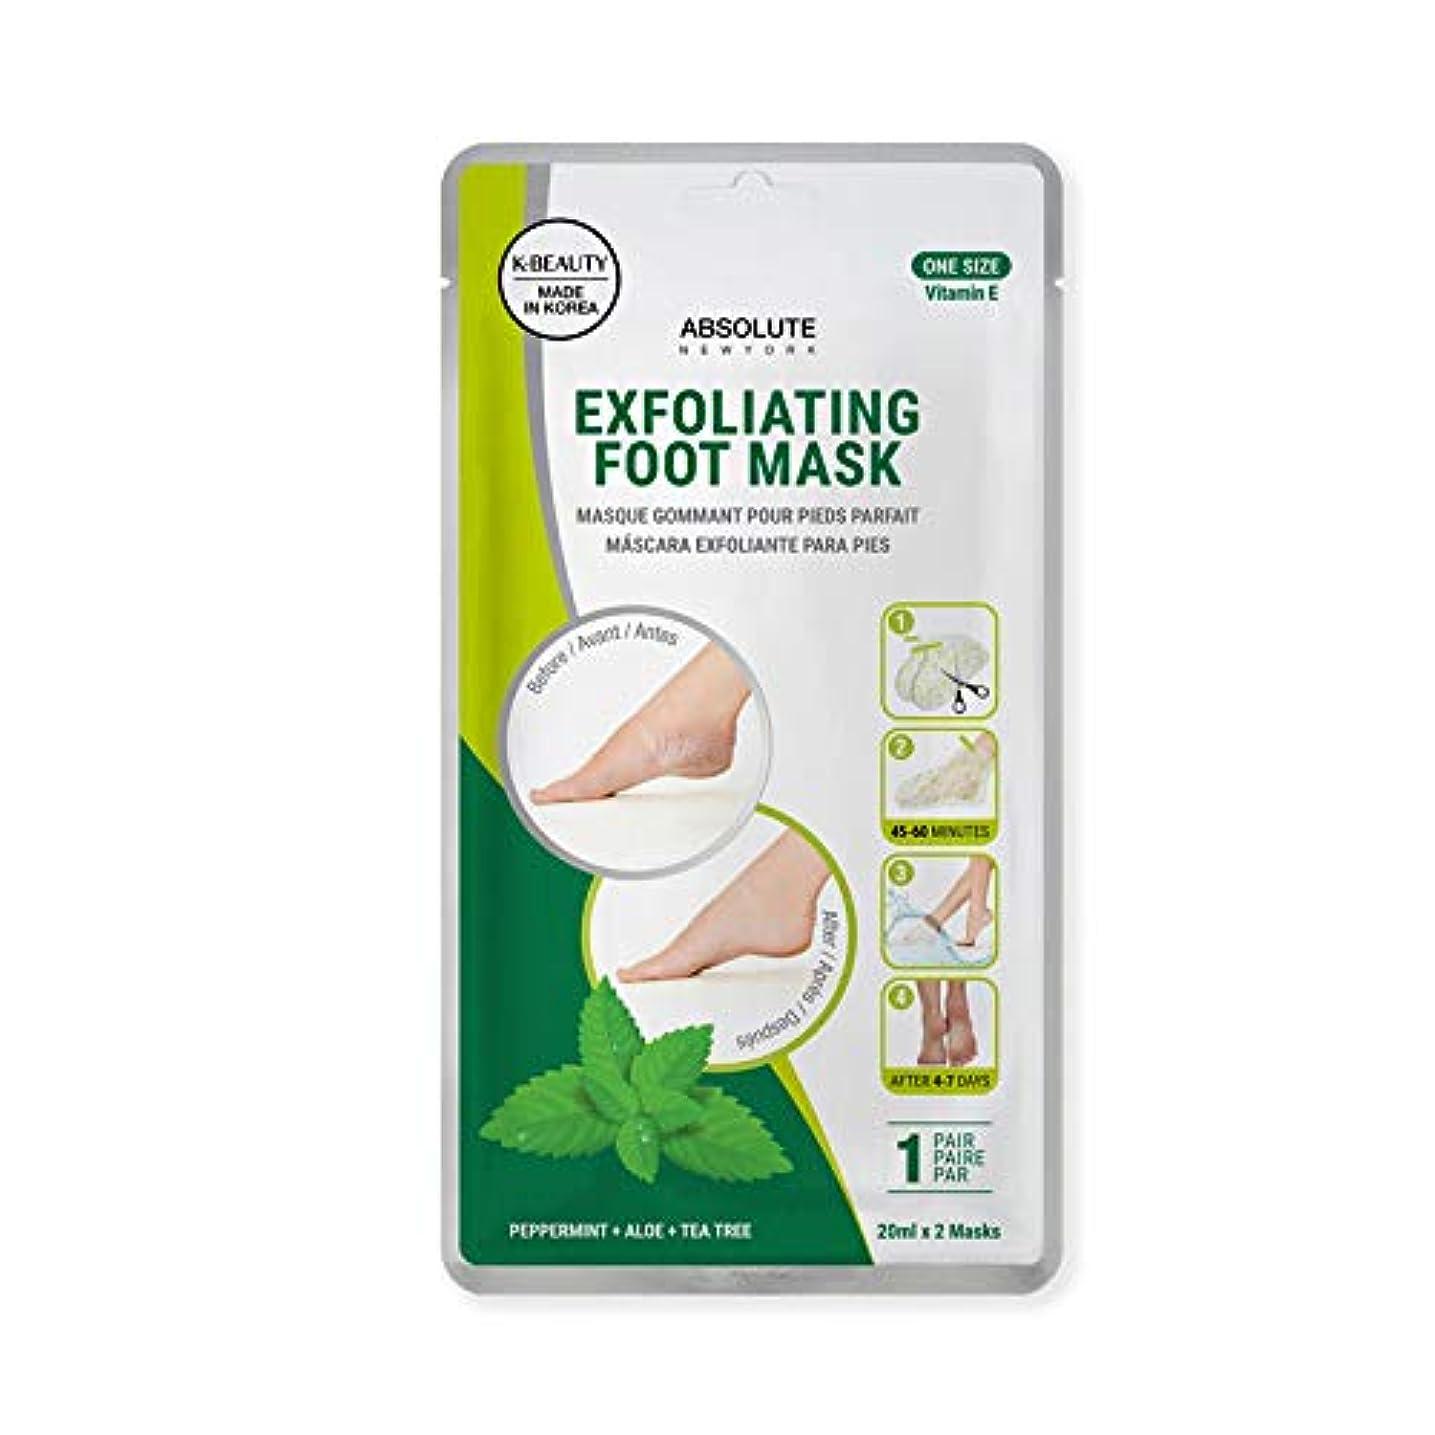 マーティンルーサーキングジュニアとらえどころのない毛皮ABSOLUTE Exfoliating Foot Mask - Peppermint + Aloe + Tea Tree (並行輸入品)